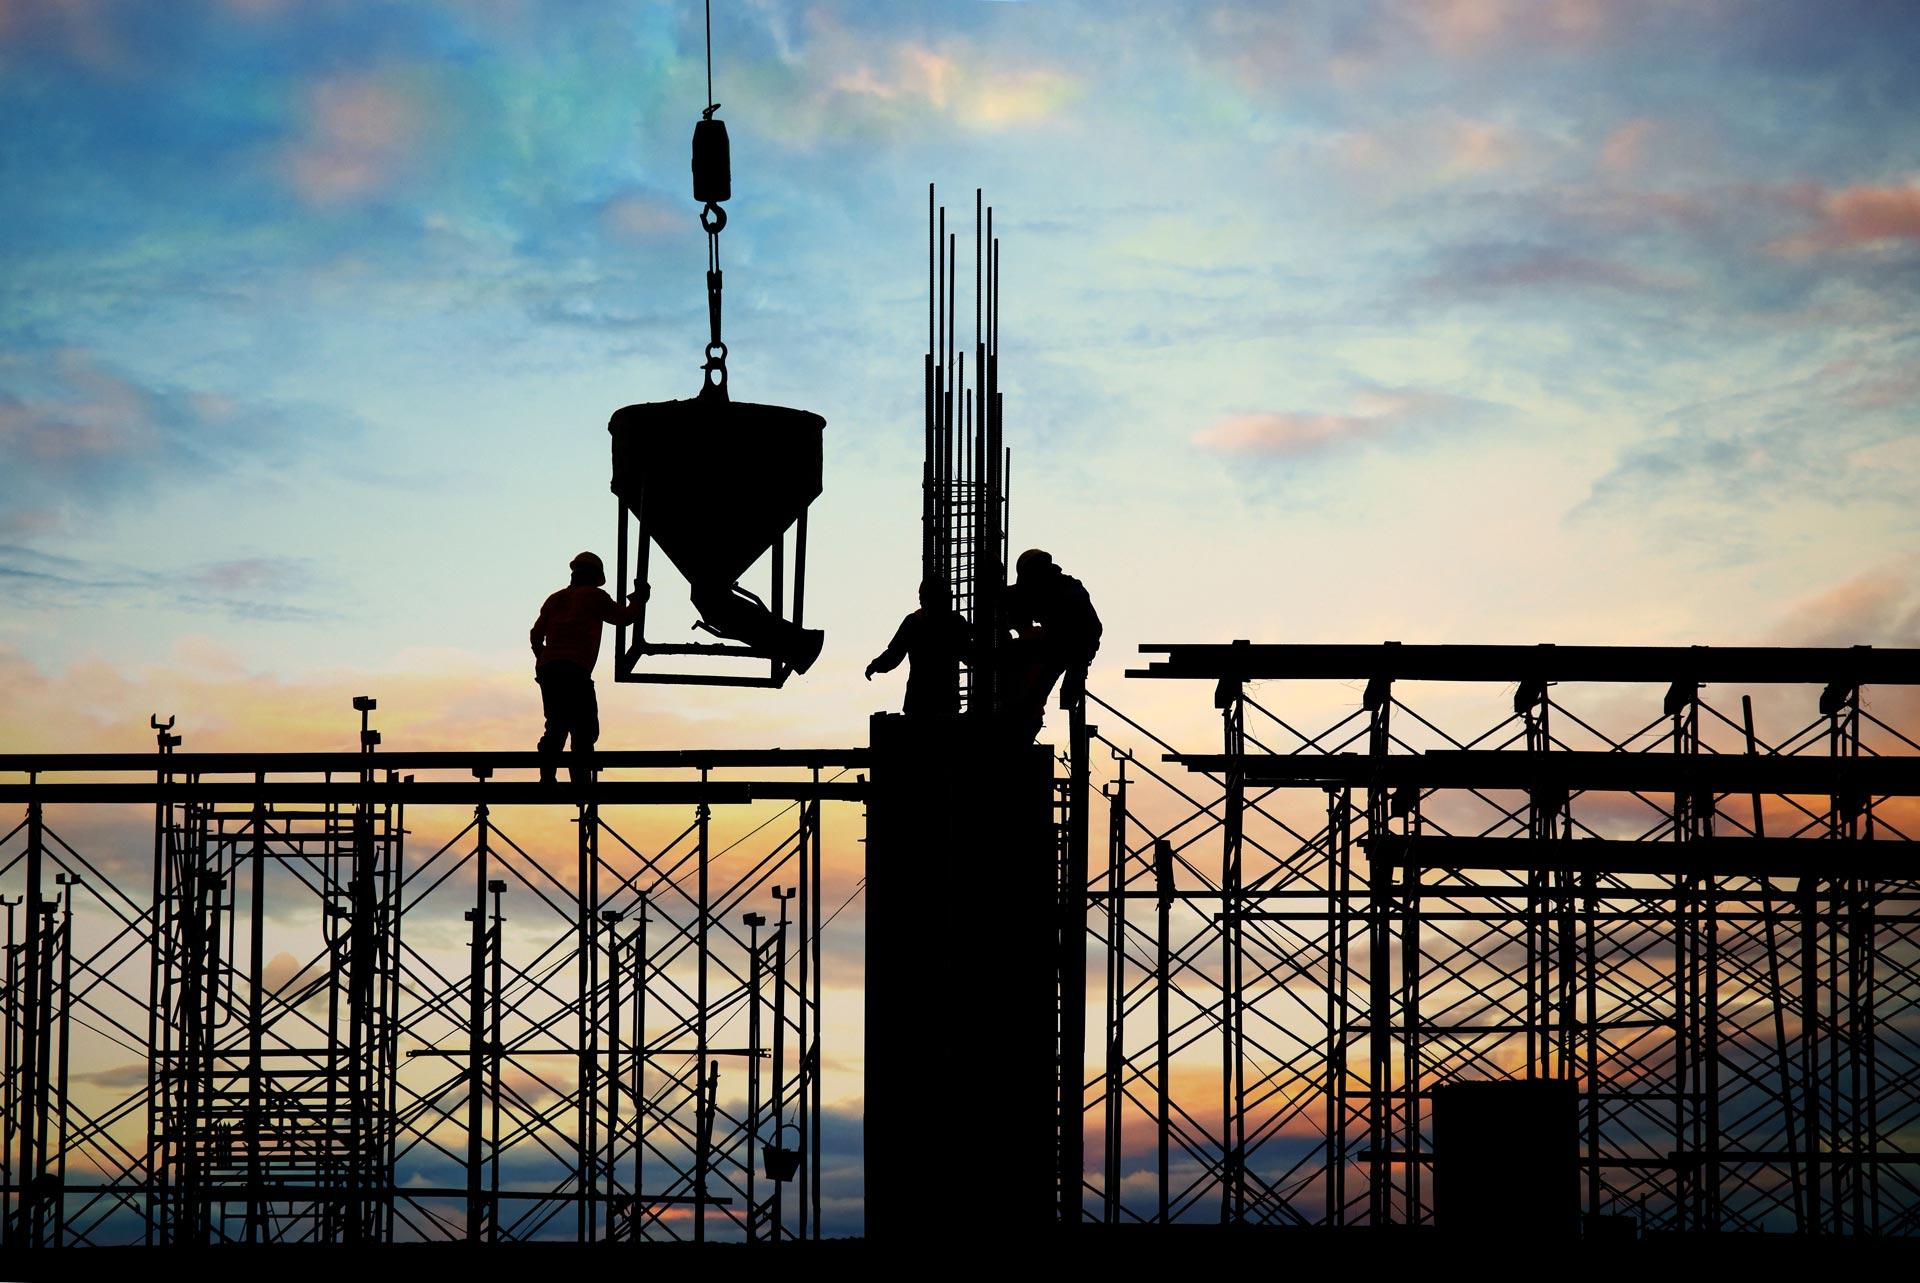 Барилгын ажилд хөдөлмөрийн аюулгүй байдал, эрүүл ахуйн шаардлага хангах нийтлэг журам